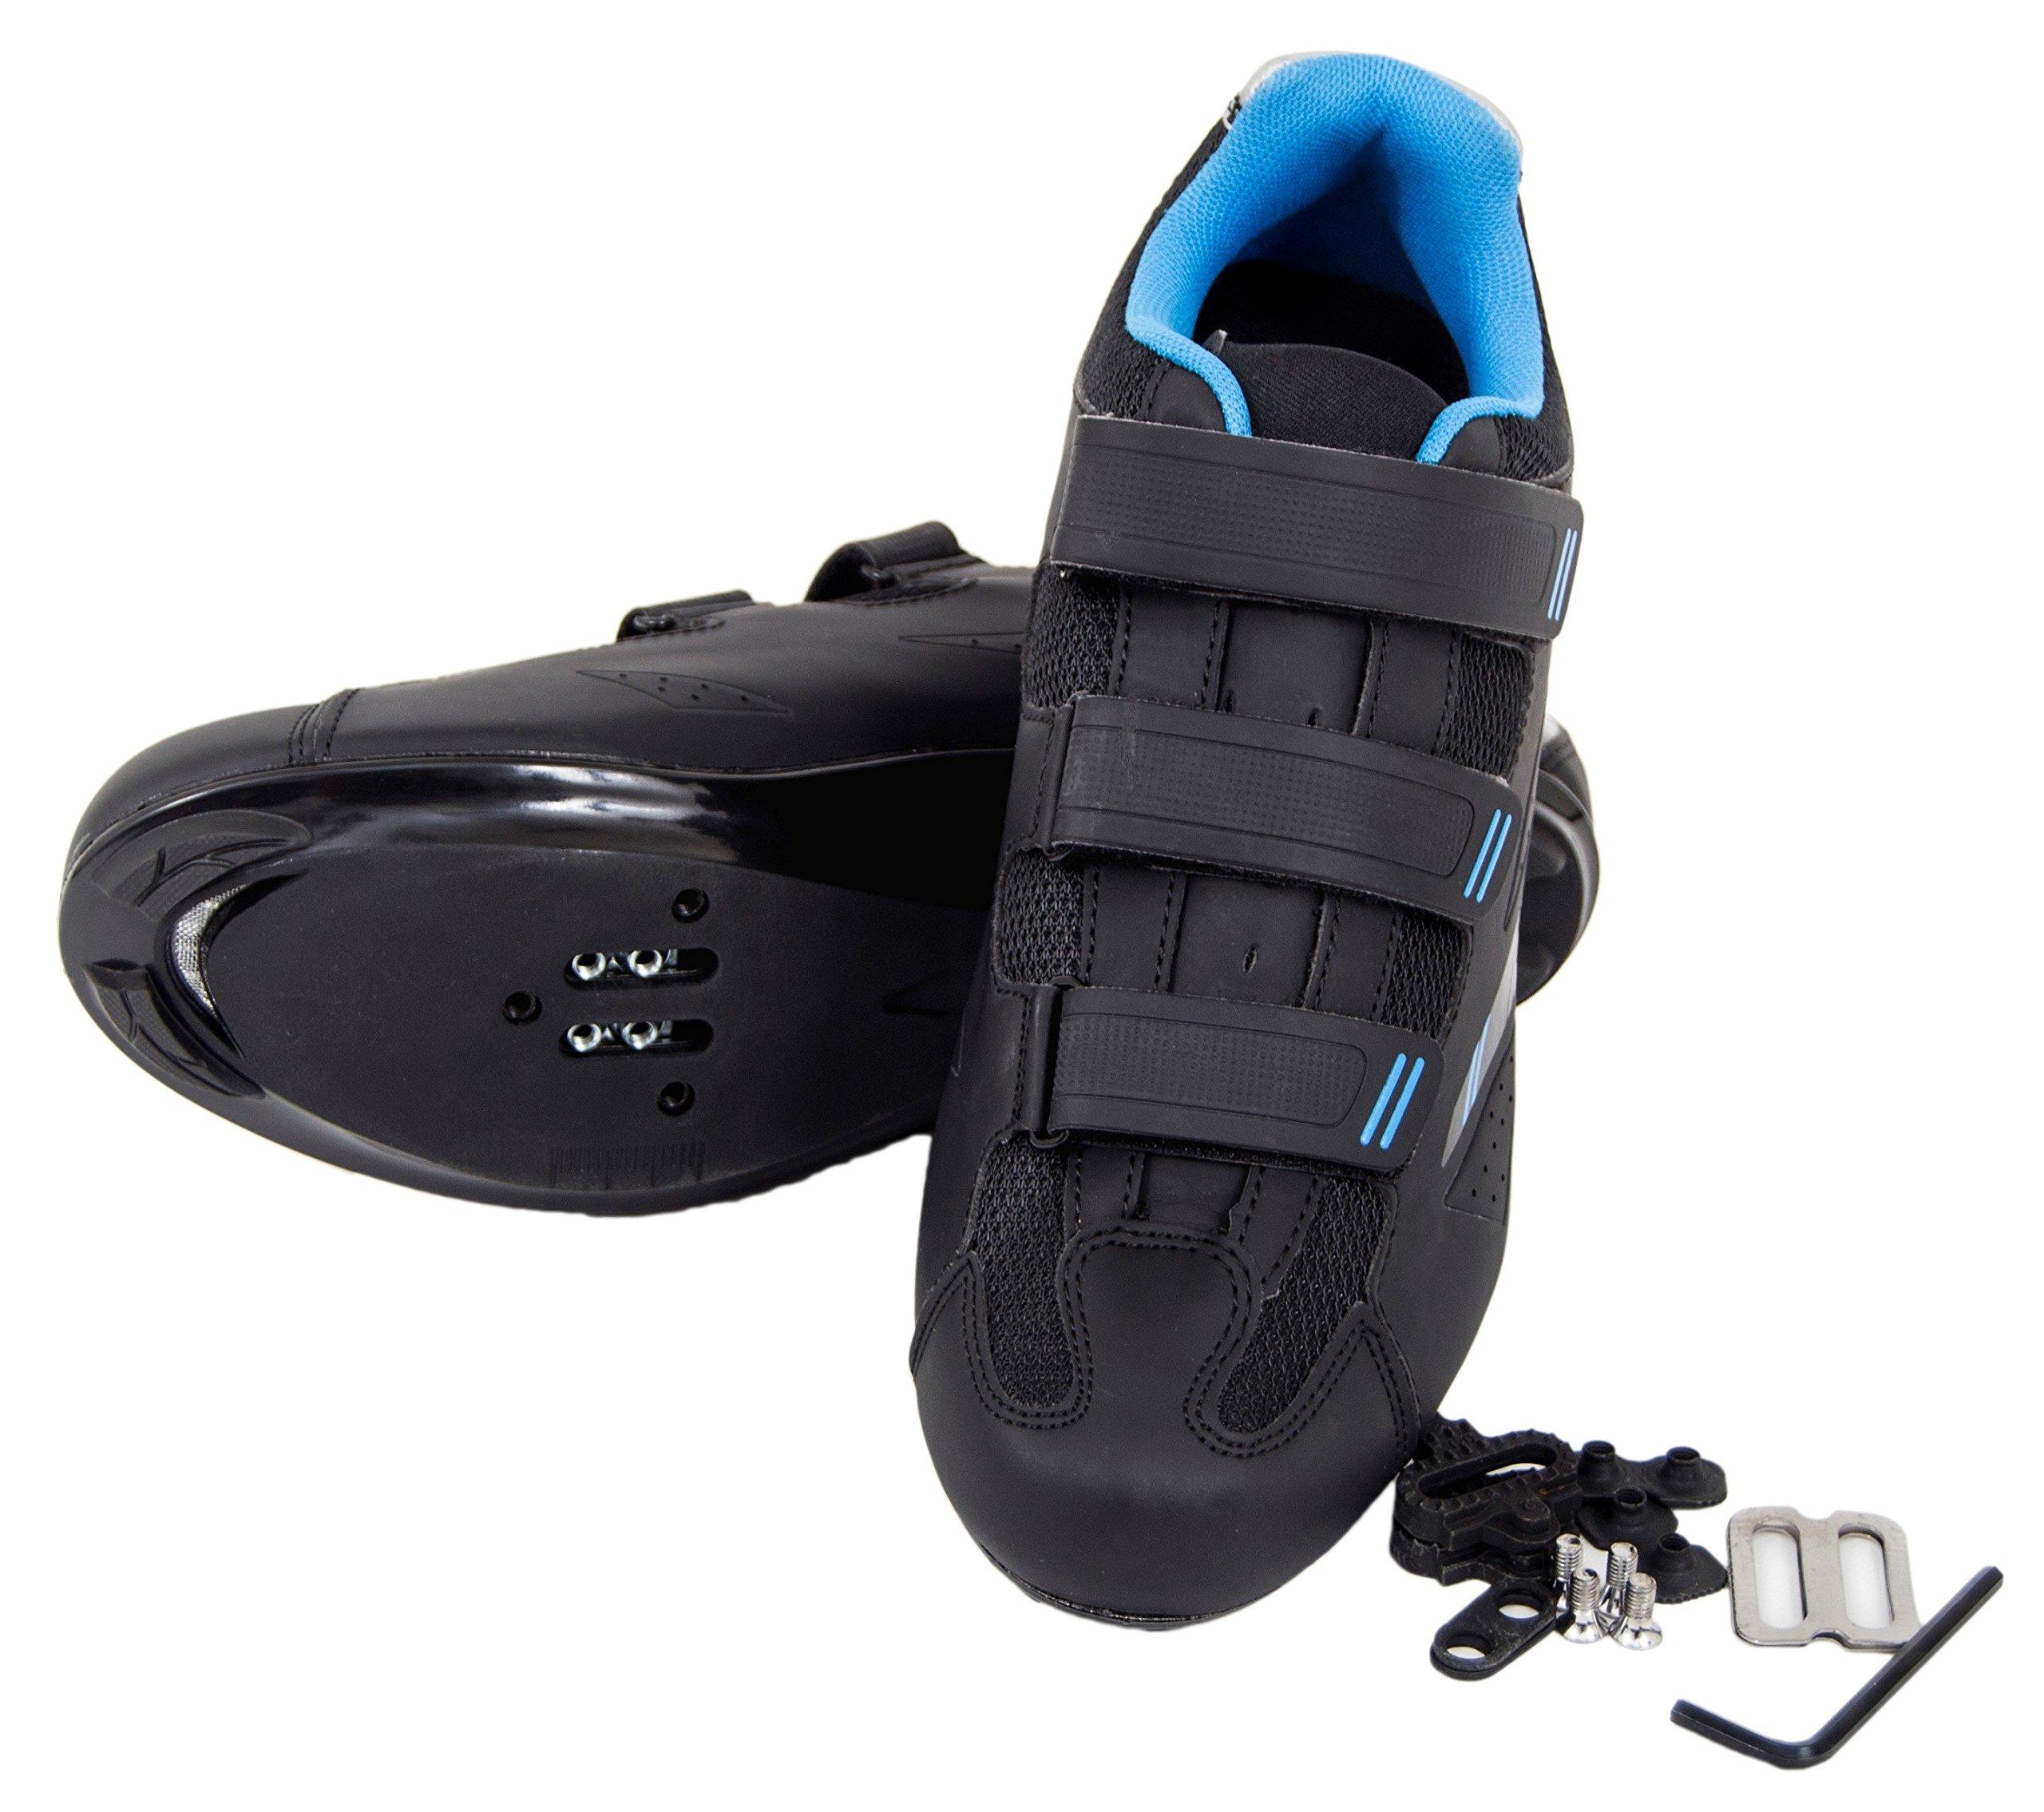 Tommaso Pista Women's Spin Class Ready Cycling Shoe - Black/Blue - SPD - 39